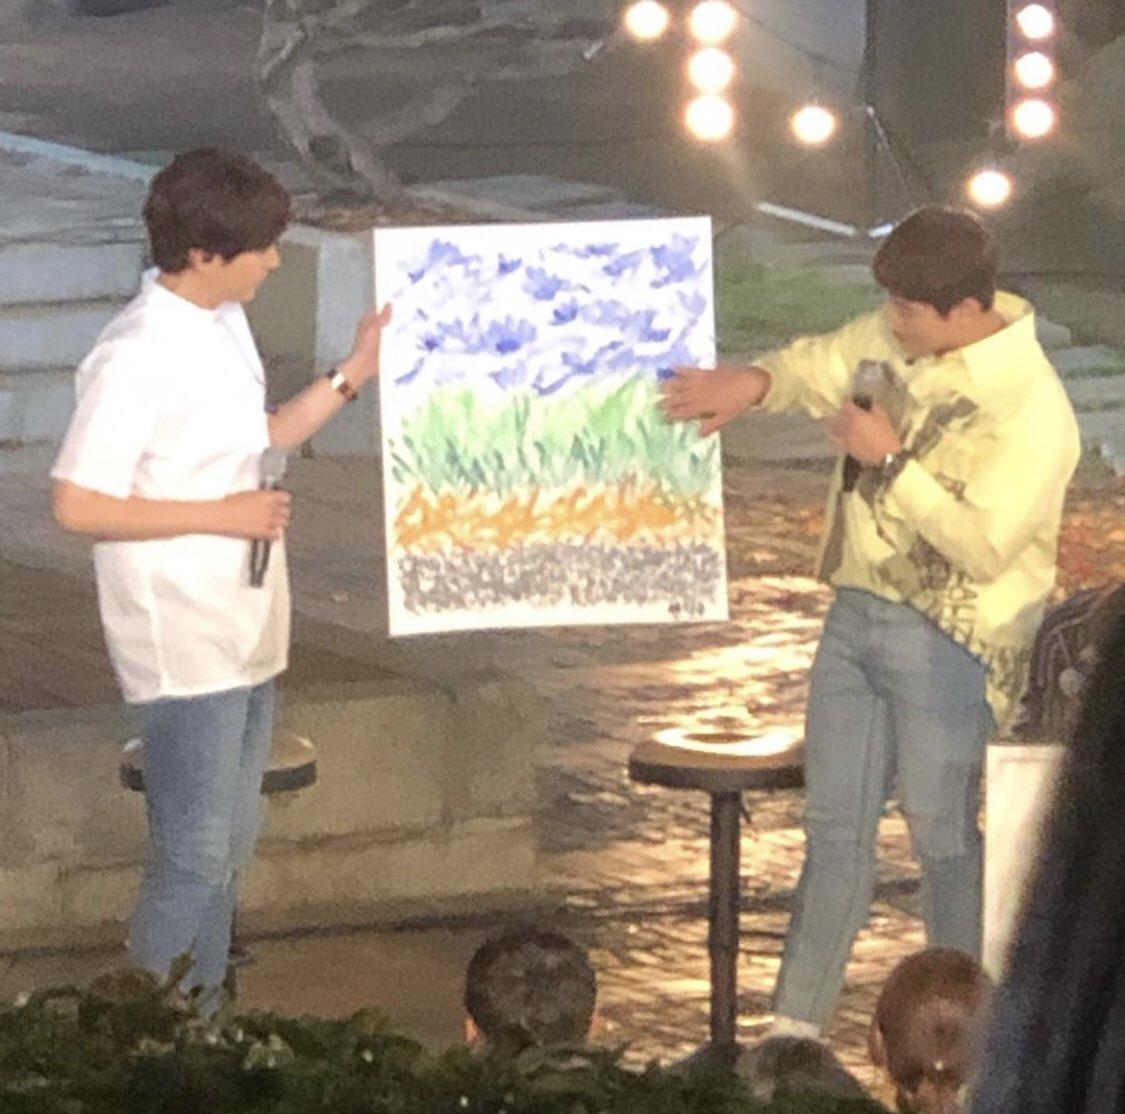 """[INFO] 190716 #Kyuhyun esta grabando junto a #Ryeowook, en su nuevo show!!  Wook esta siendo parte de un nuevo show """"Neighborhood album"""", y en esta ocasión Kyu lo esta acompañando☺  🔹Cr:miran.joo @GaemGyu @SJofficial #SUPERJUNIOR   *Que lindo! BabyKyu apoyando a Wookie! 👏💙😍"""